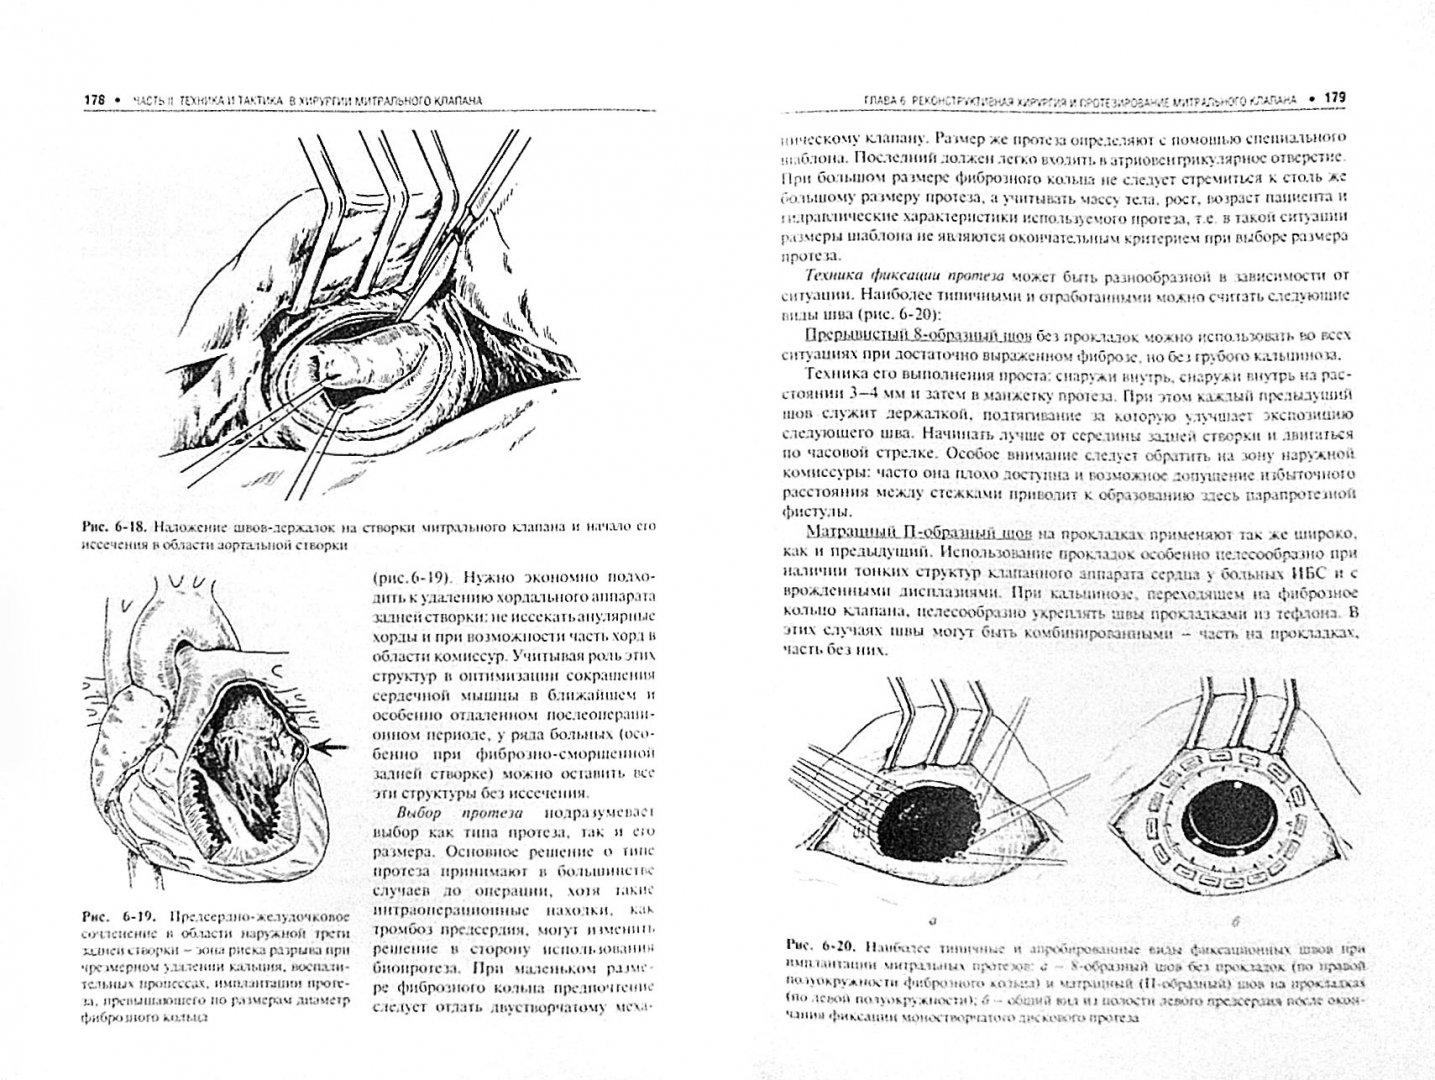 Иллюстрация 1 из 5 для Болезни митрального клапана. Функция, диагностика, лечение - Дземешкевич, Стивенсон, Аллен   Лабиринт - книги. Источник: Лабиринт